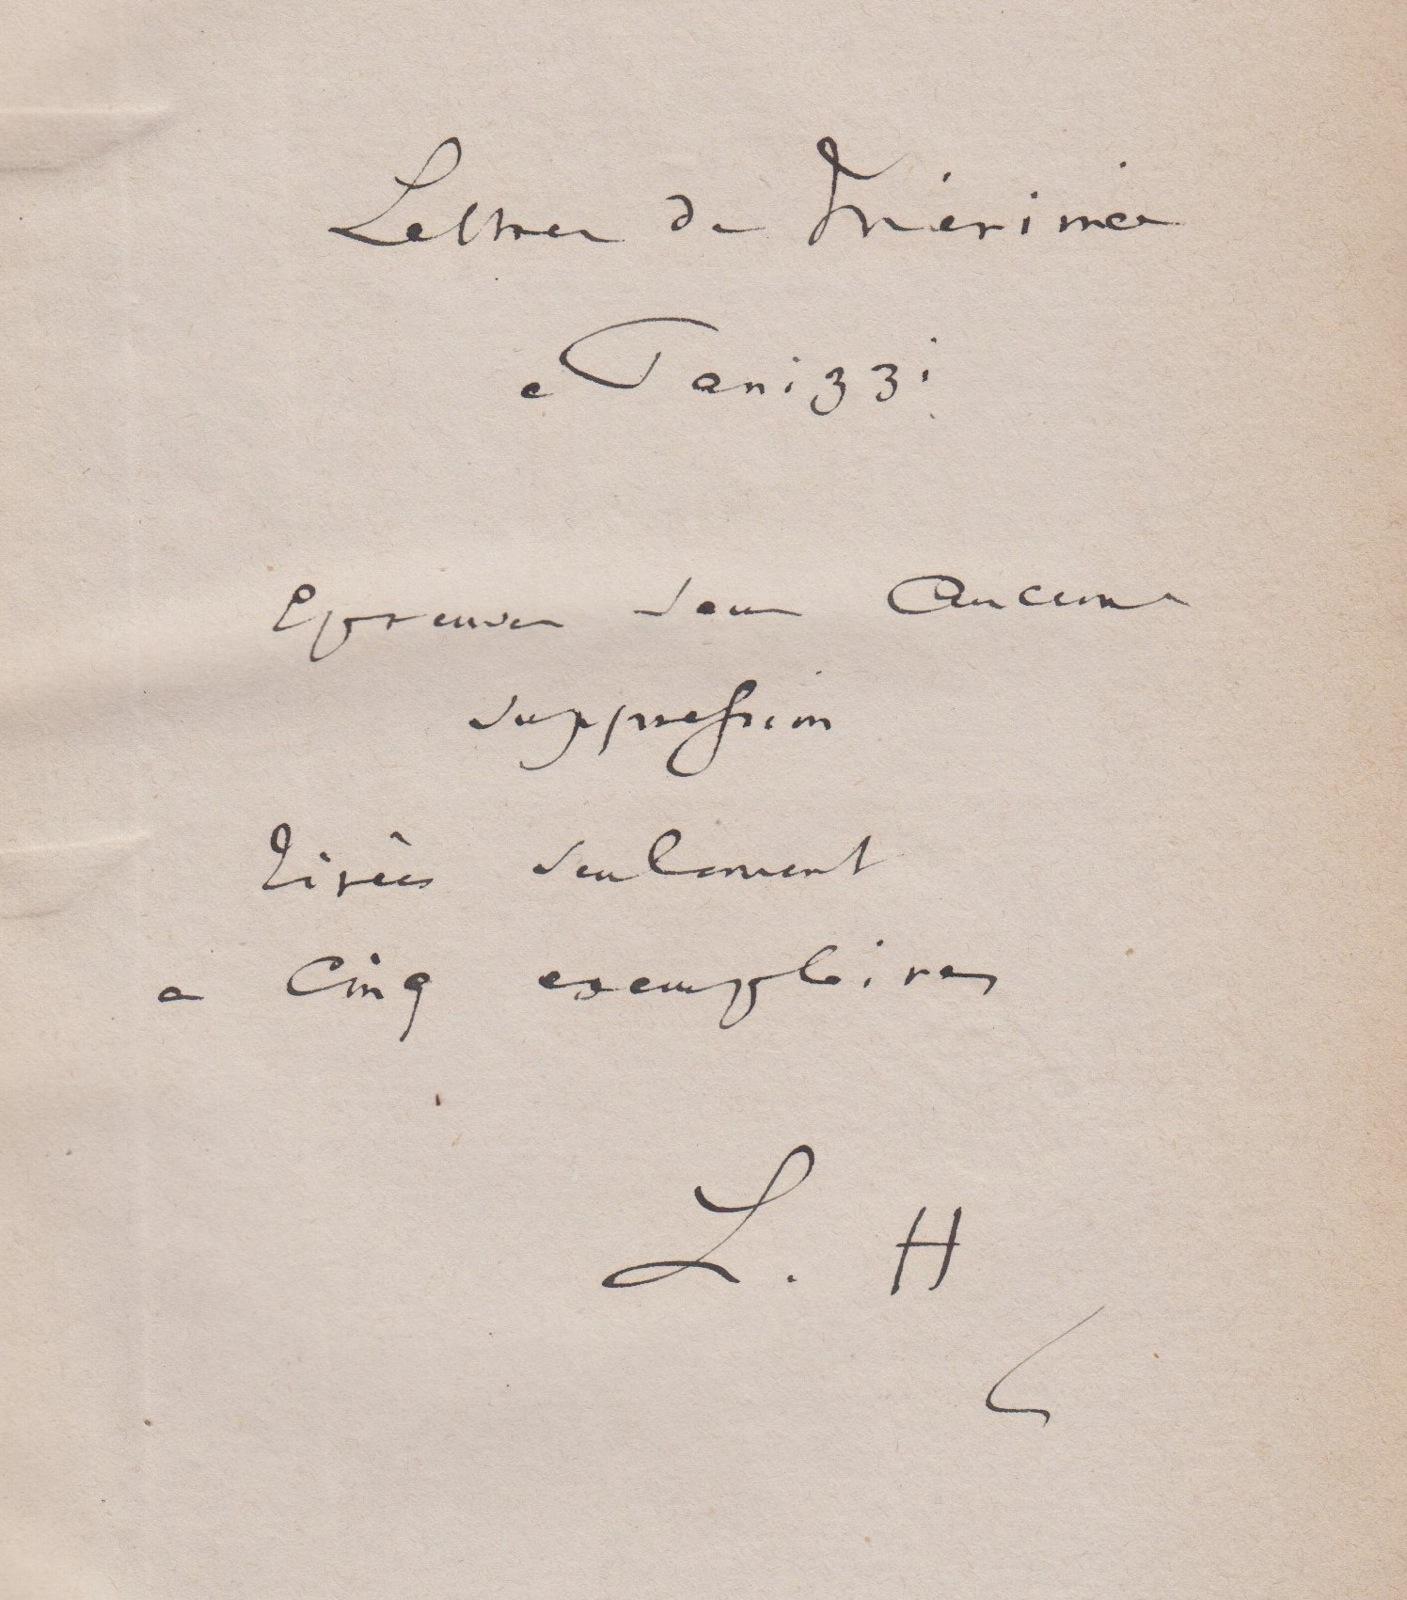 merimee-prosper-edition-a-l-etat-d-epreuves-des-lettres-a-m-panizzi-paris-calmann-levy-14avril-28-mai-1880-2-volumes-in-8-bradel-demi-maroquin-vert-empire-reliure-de-l-epoque--351_1